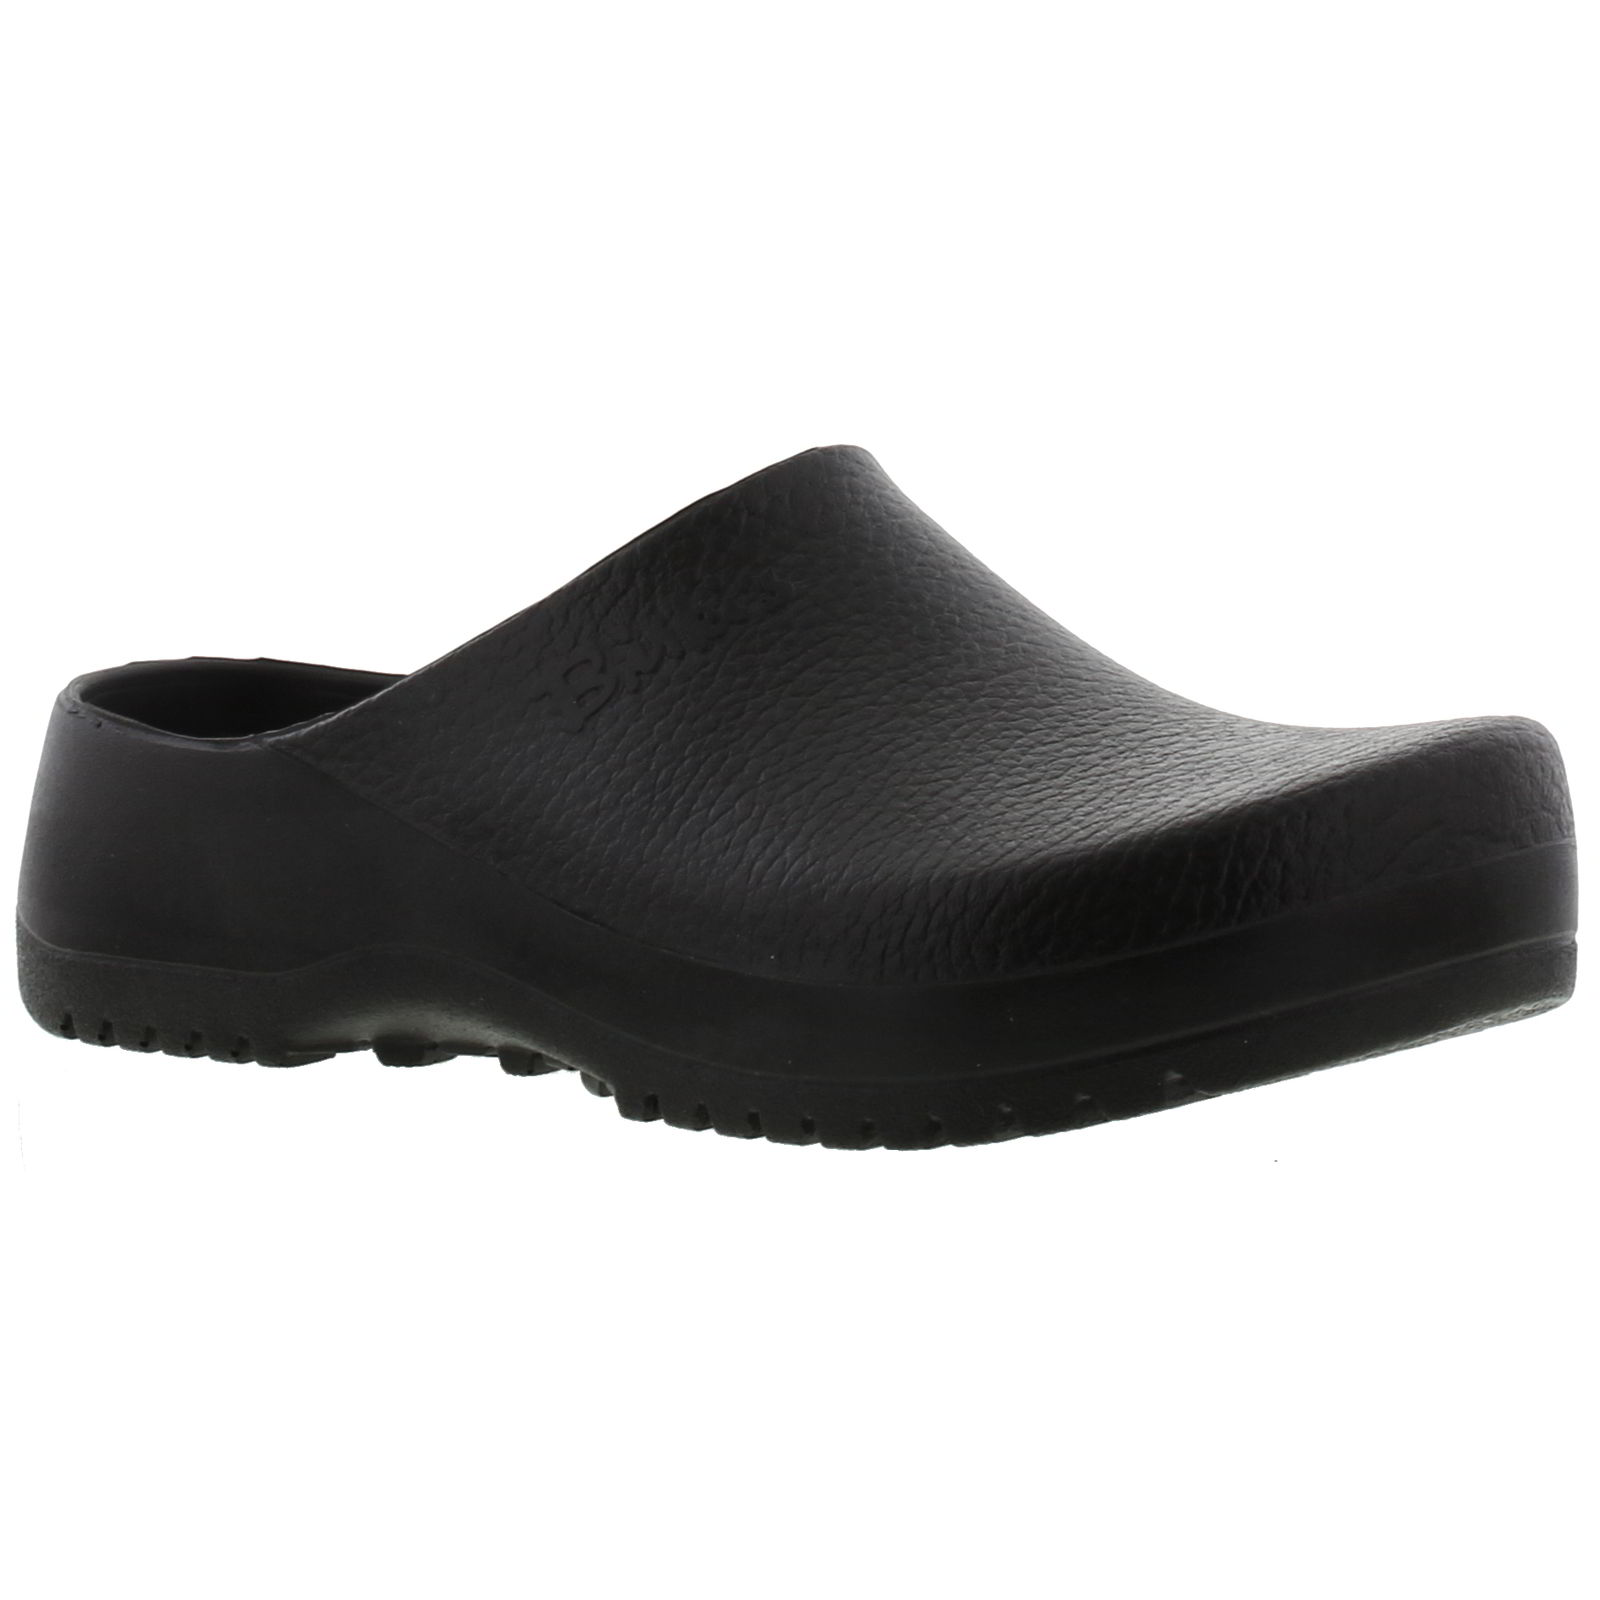 11e8519308fa0a Details zu Birkenstock Super Birki Vegan Black Clogs Sandals Shoes Size UK  4.5-13